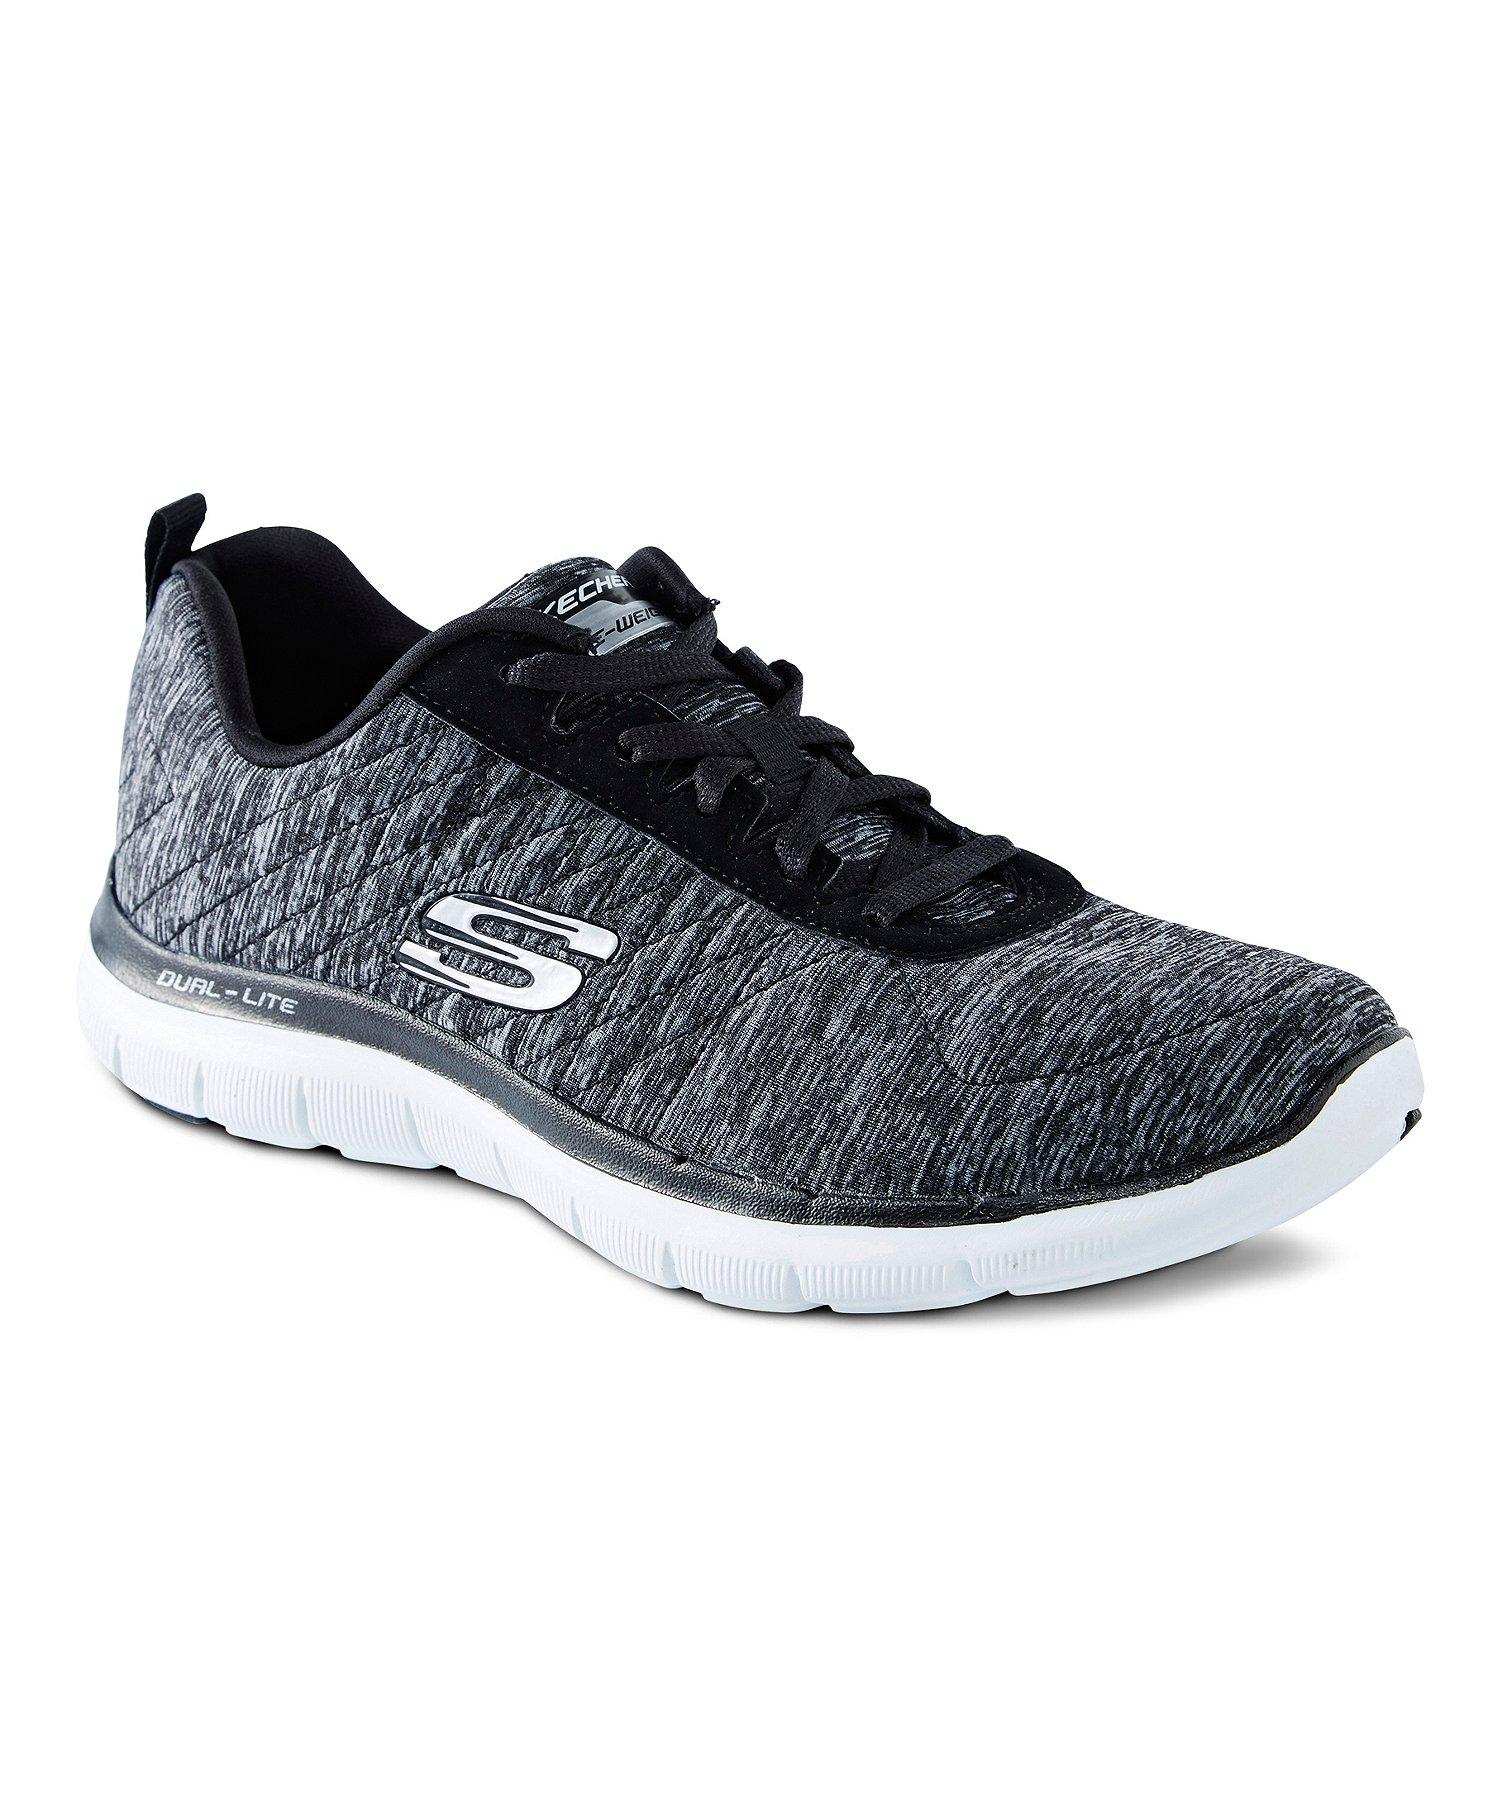 Women's Flex Appeal 2.0 Lace Up Shoes